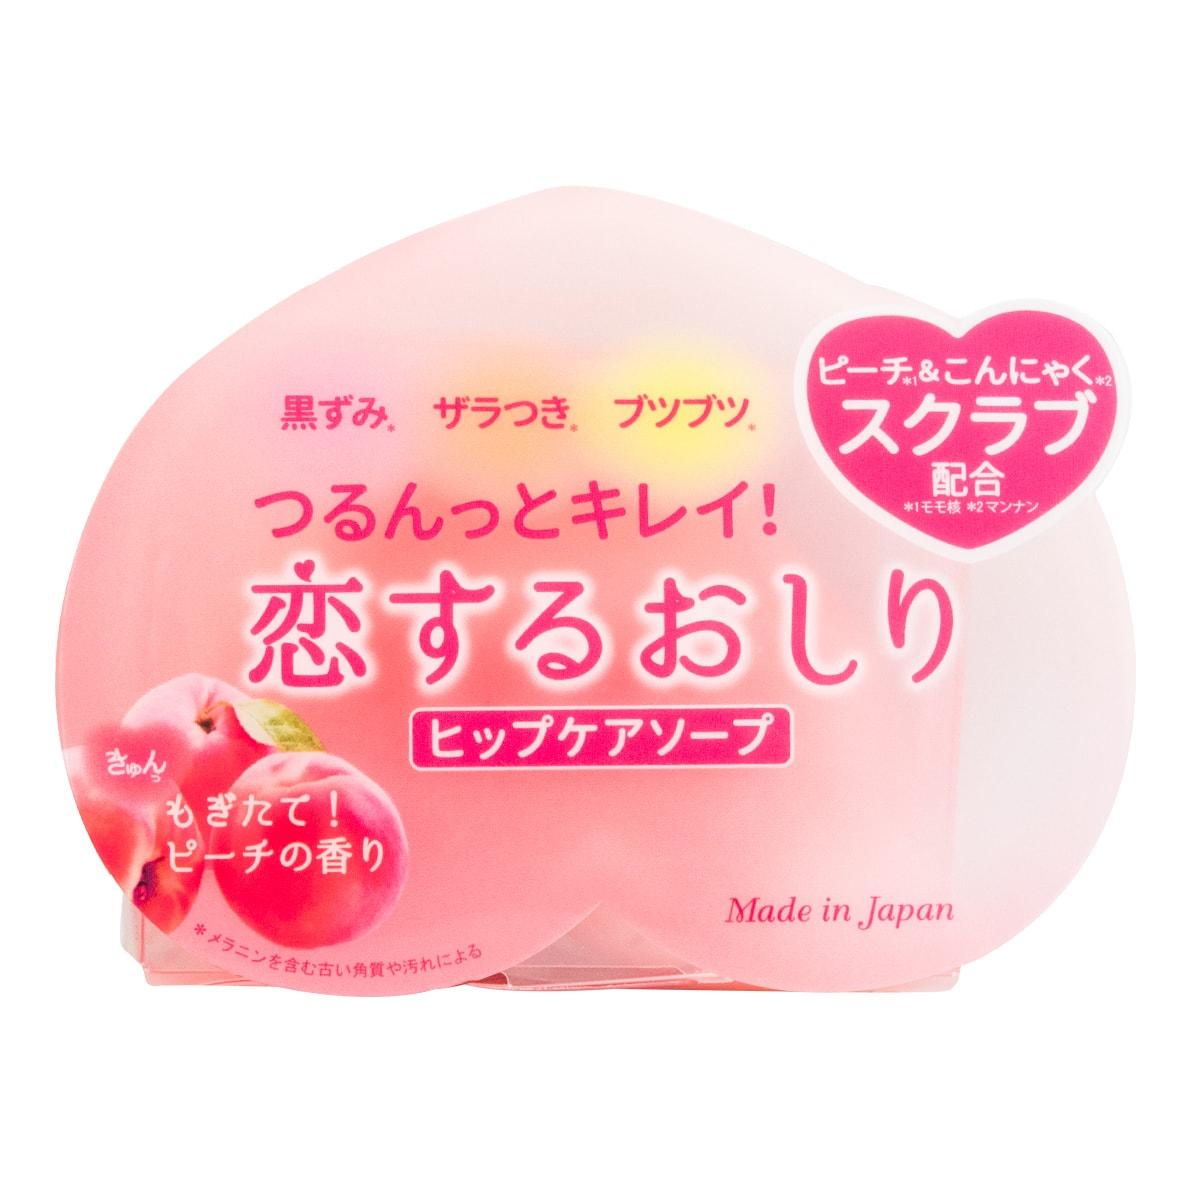 日本PELICAN 去角质光滑蜜桃美臀皂 80g 怎么样 - 亚米网